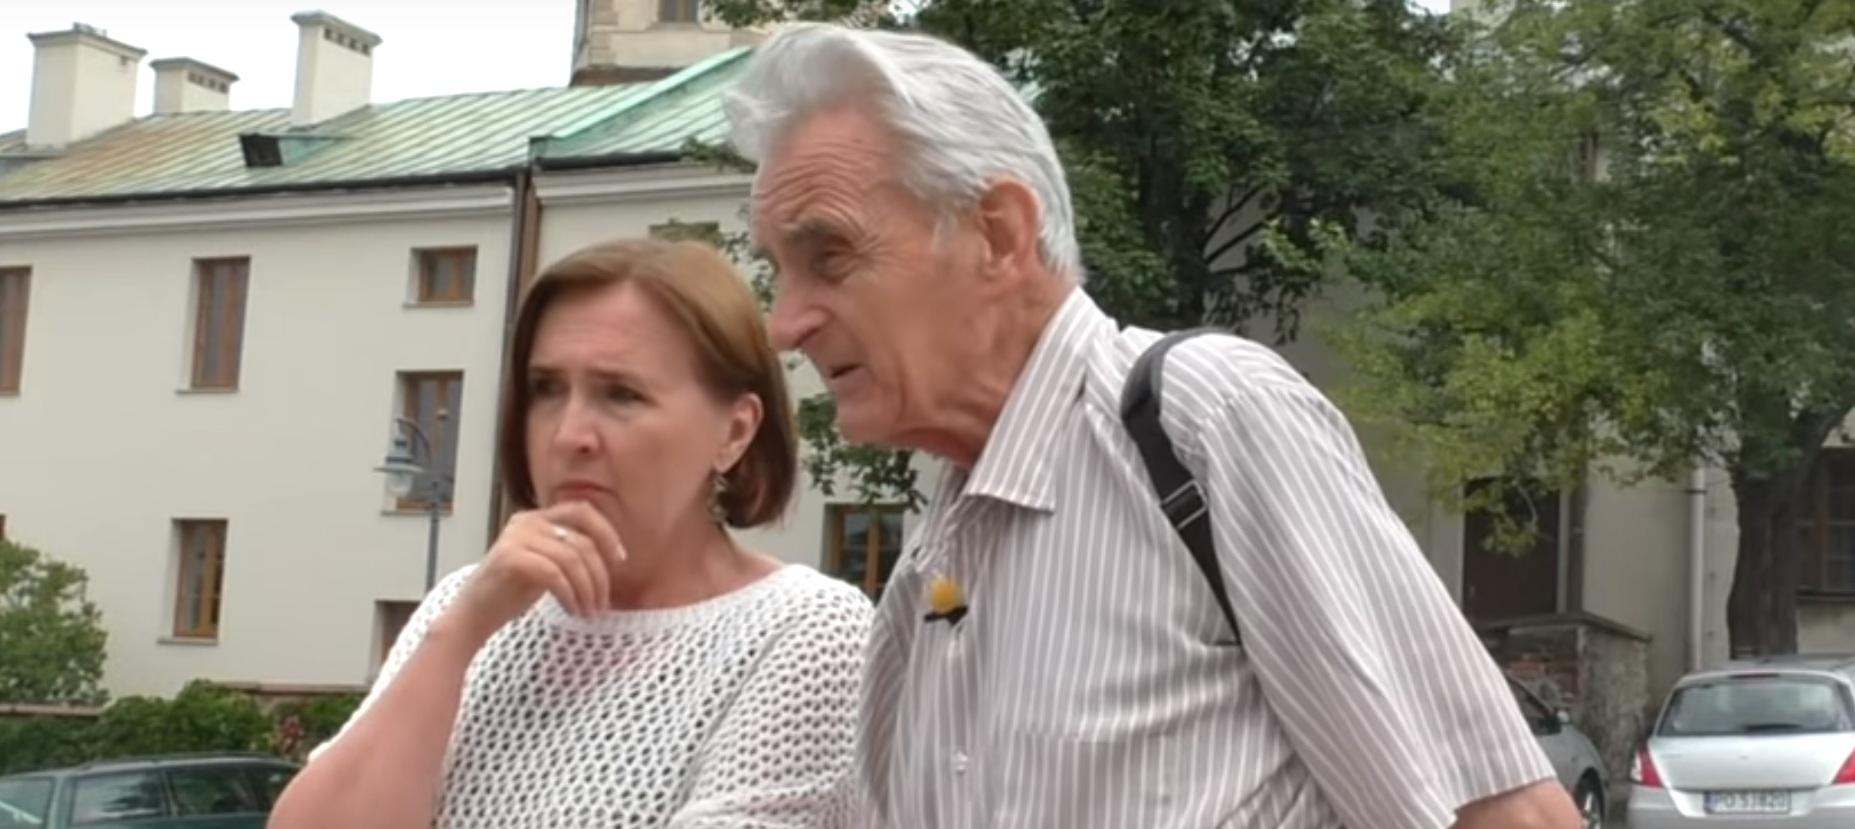 Ulica Zamkowa w Kielcach -Śladami Prawdy